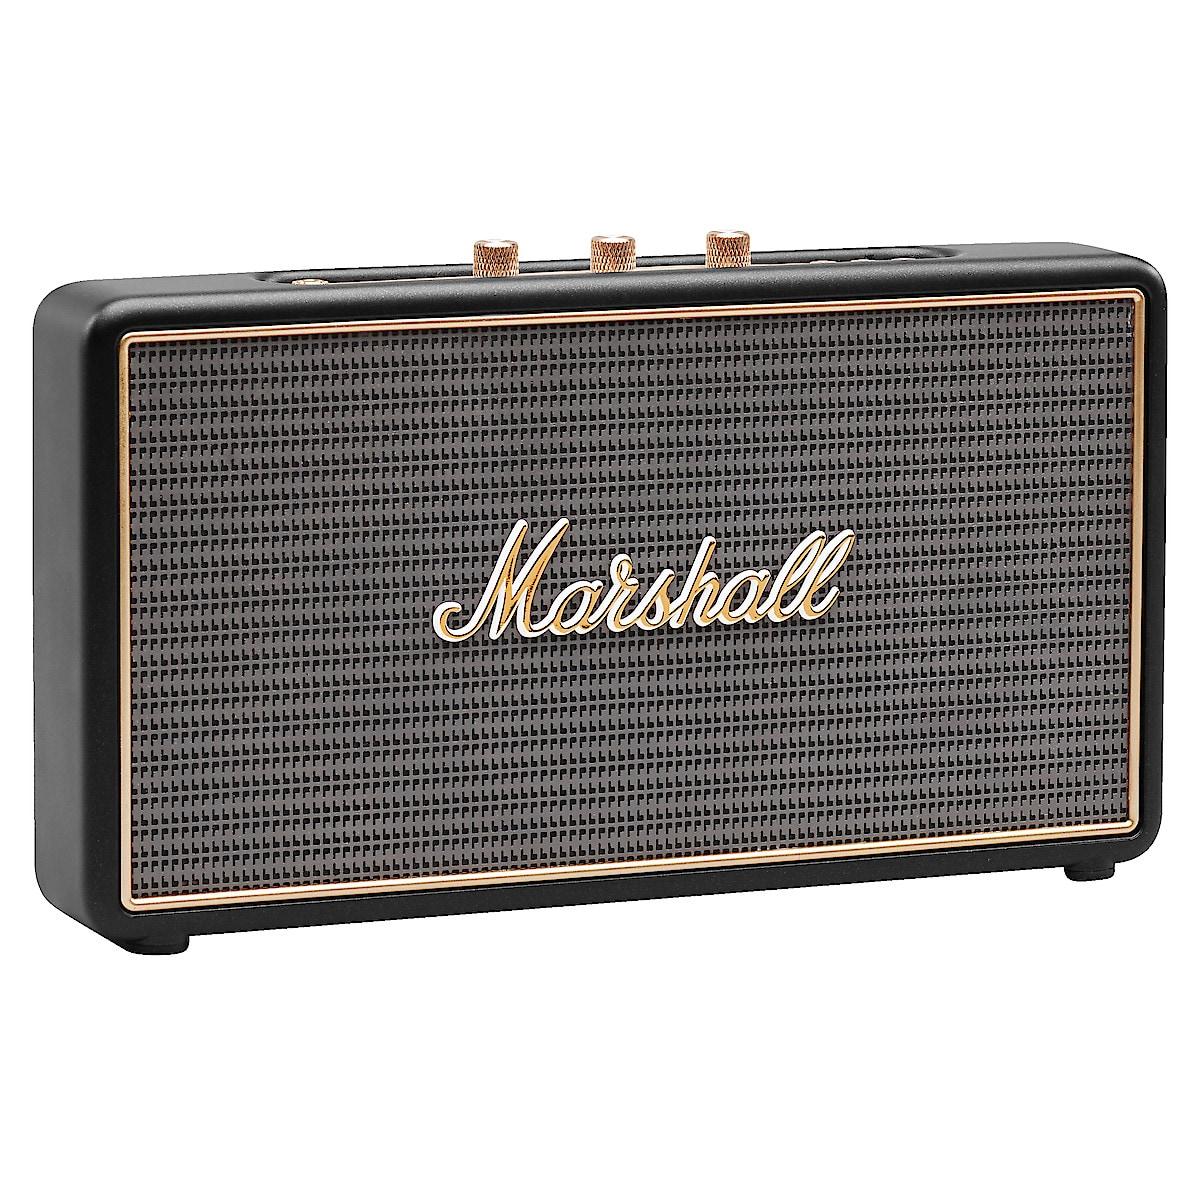 Marshall Stockwell, trådlös högtalare